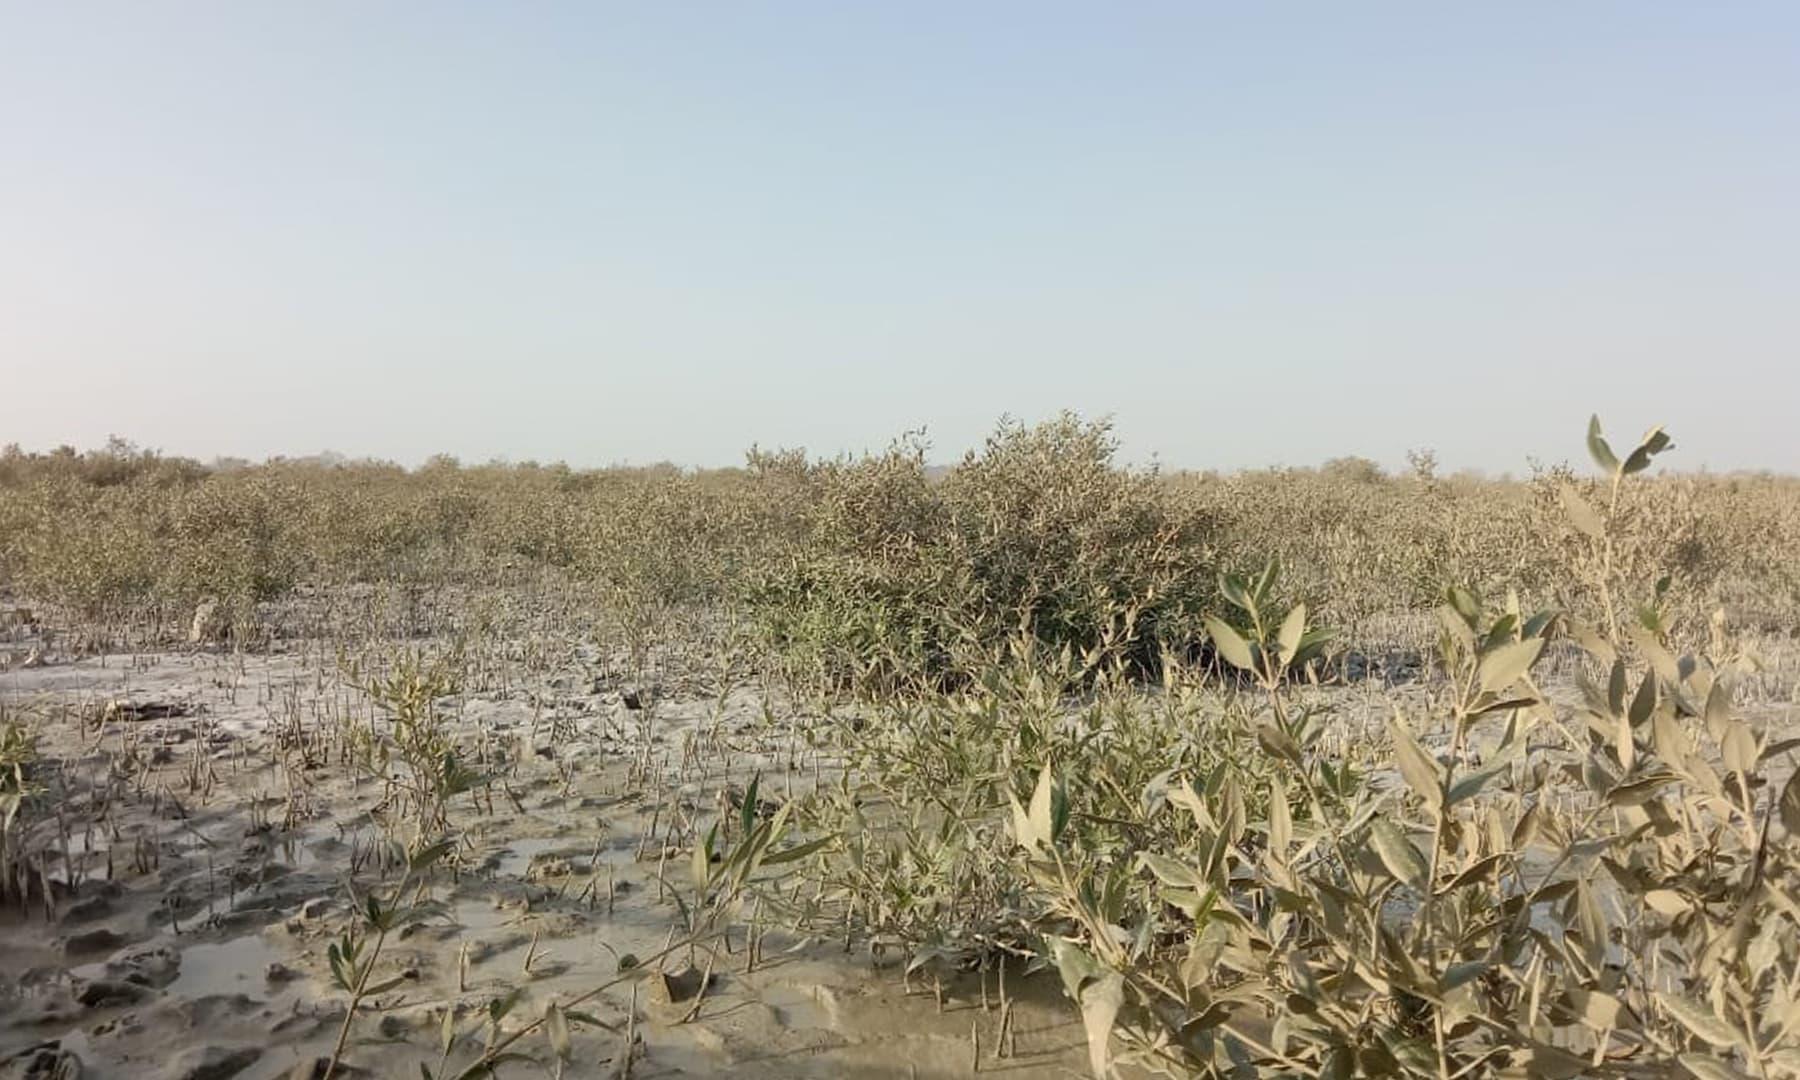 تمر کے جنگلات ان علاقوں میں پائے جاتے ہیں جہاں بارشوں یا دریا کا میٹھا پانی سمندر کے نمکین پانی سے ملتا ہے